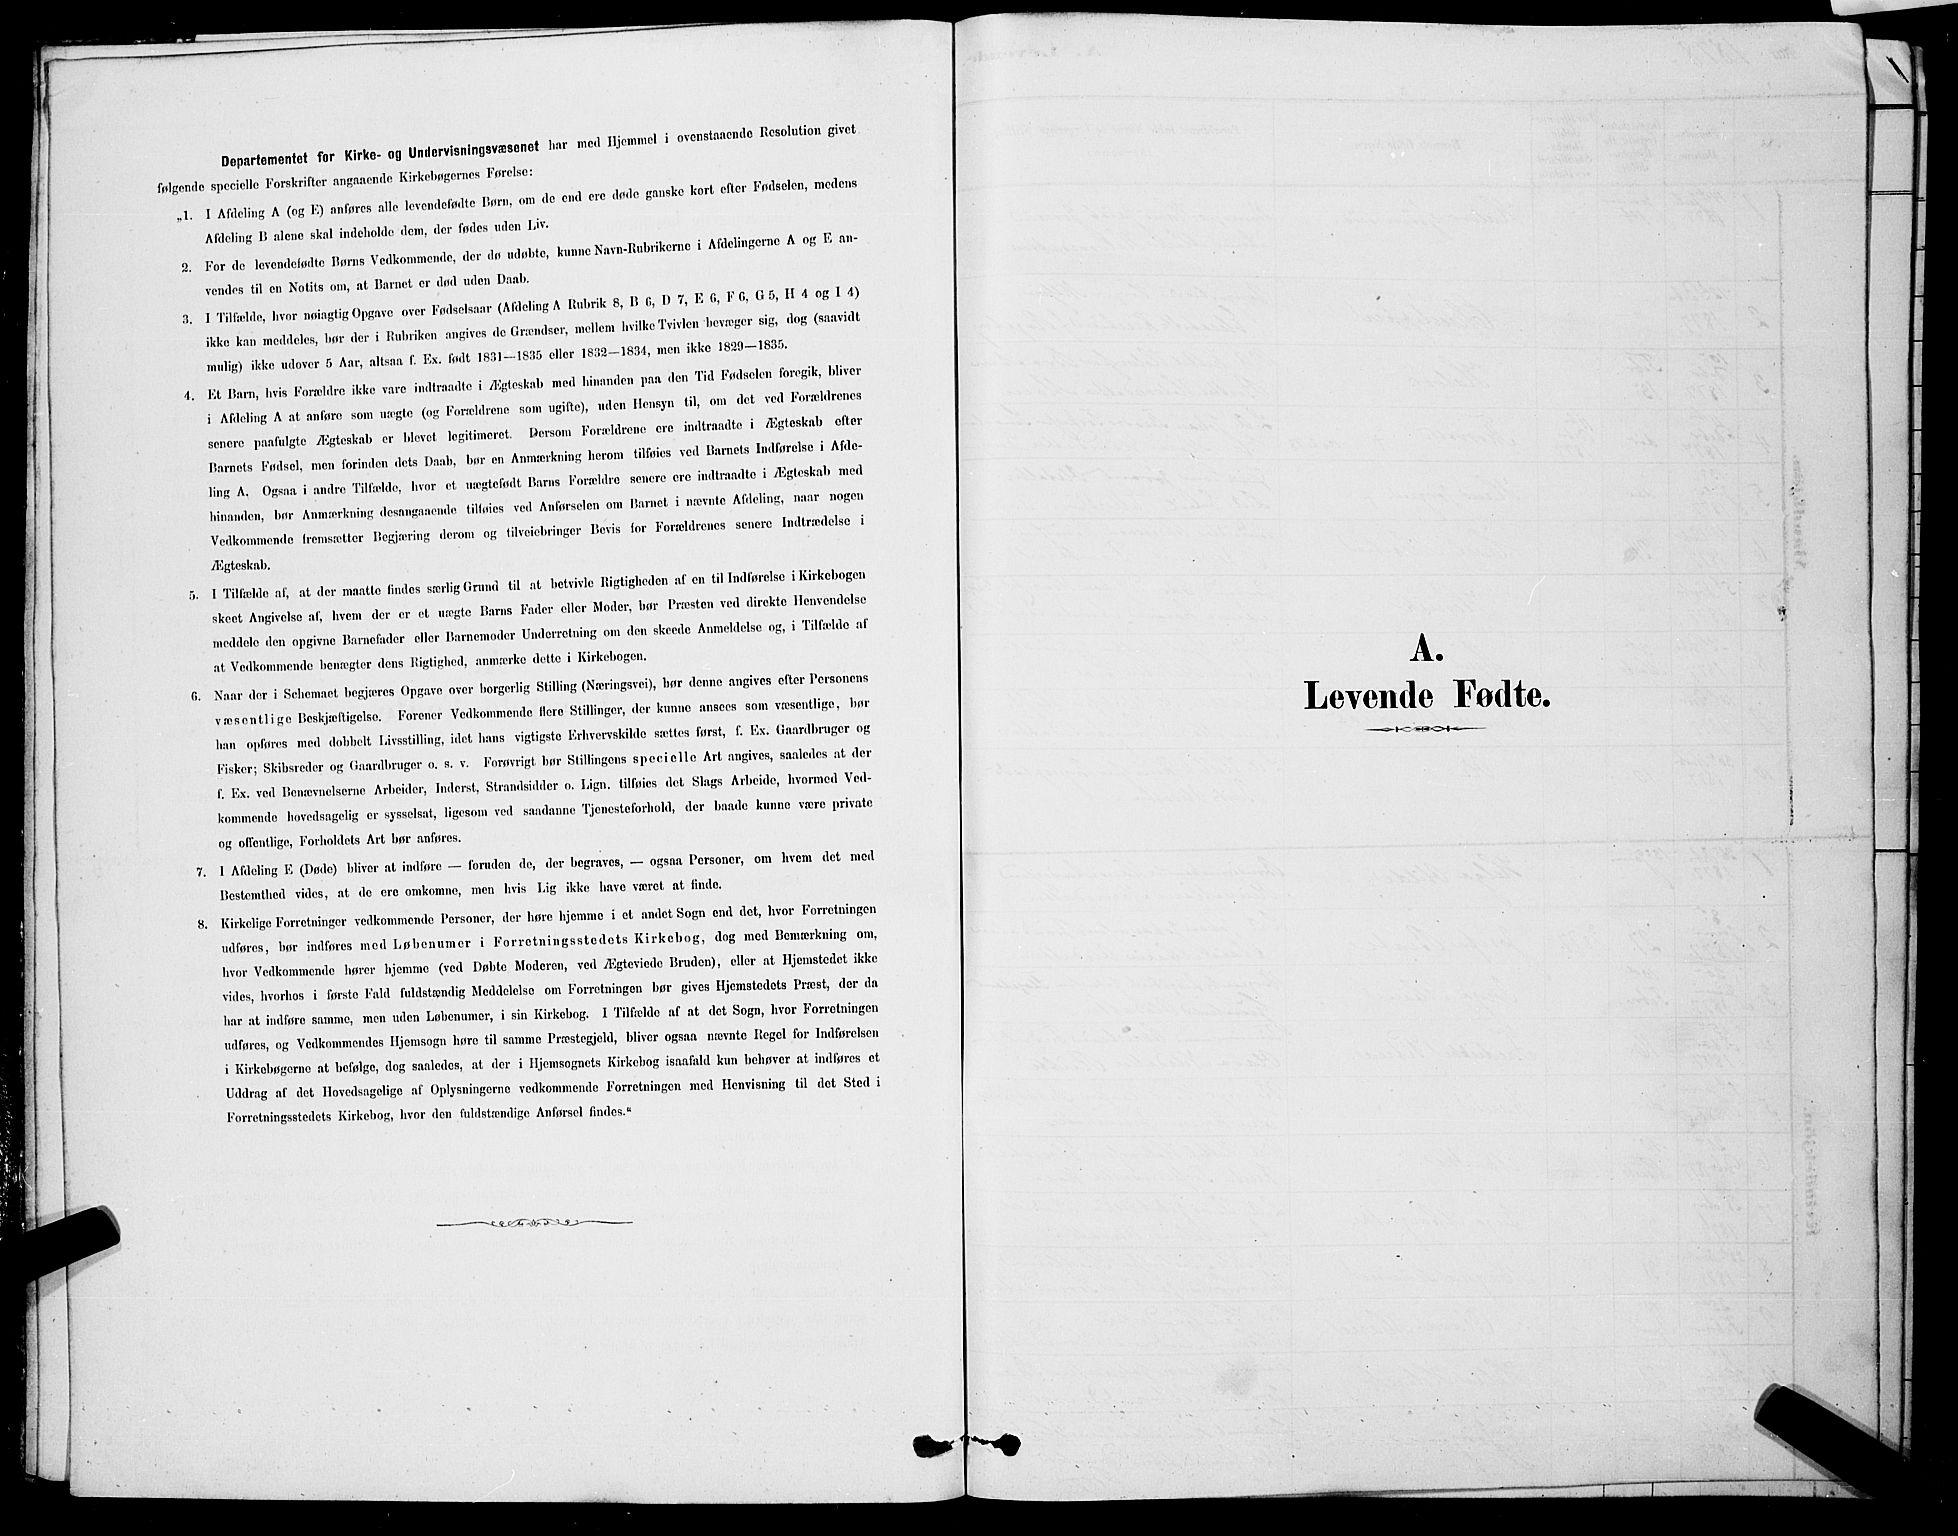 SAKO, Kongsberg kirkebøker, G/Ga/L0005: Klokkerbok nr. 5, 1878-1889